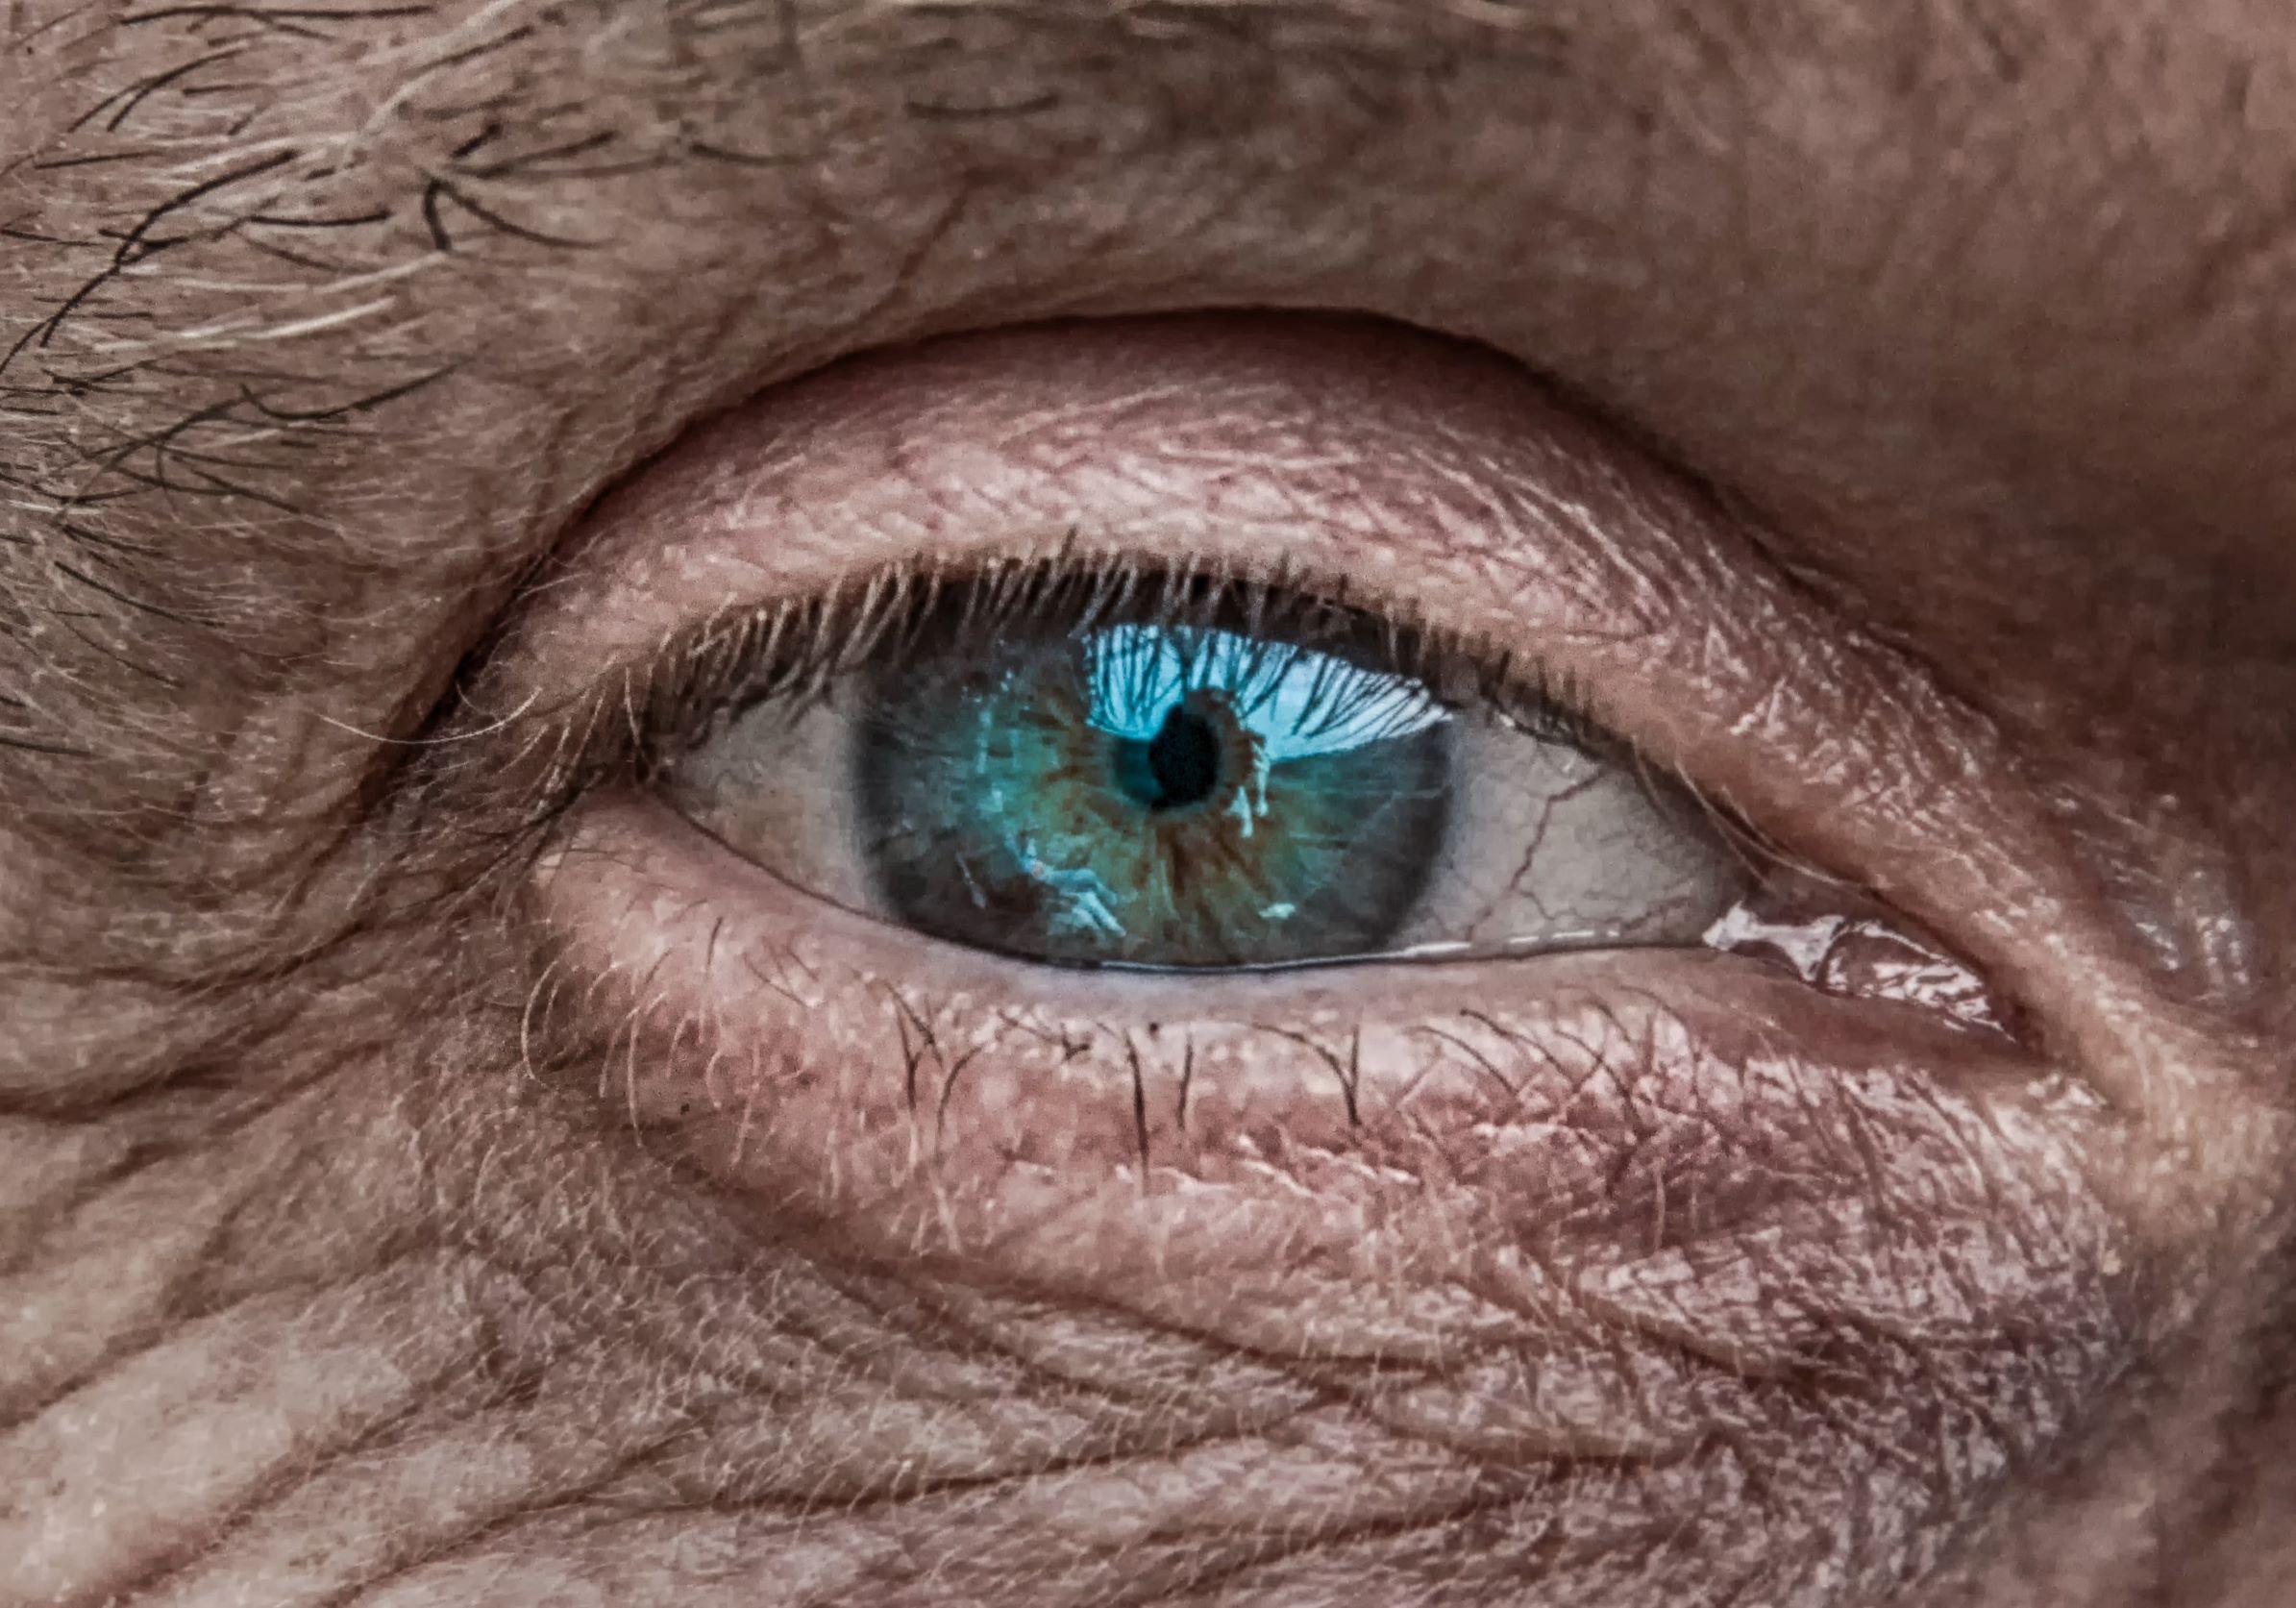 Mar 8 - Pic #2 - Eye.jpg